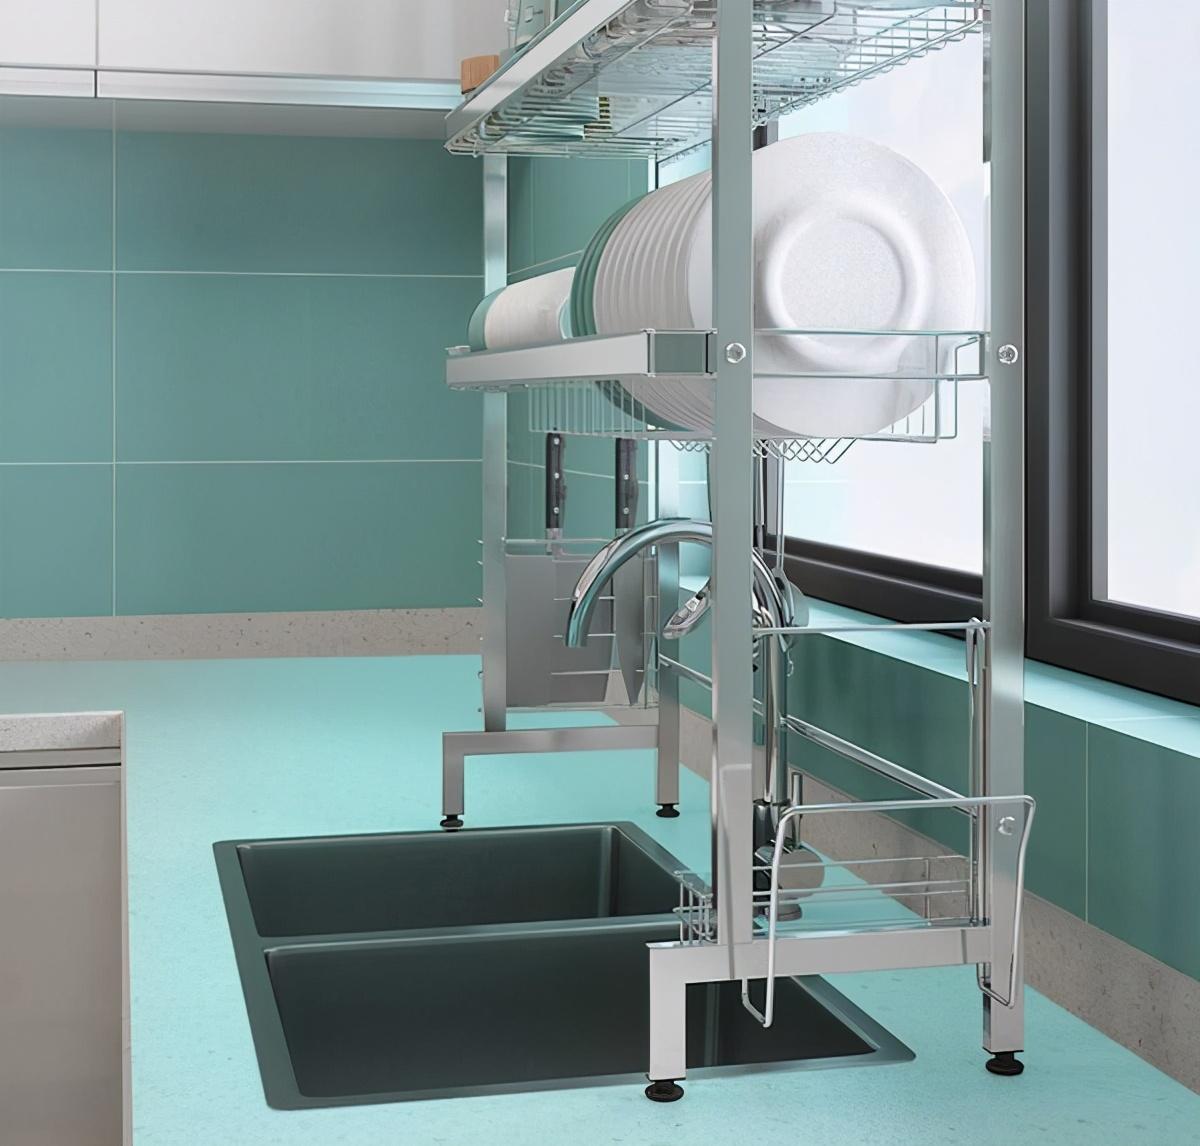 「爆款测评」拯救小厨房,卡贝水槽置物架测评